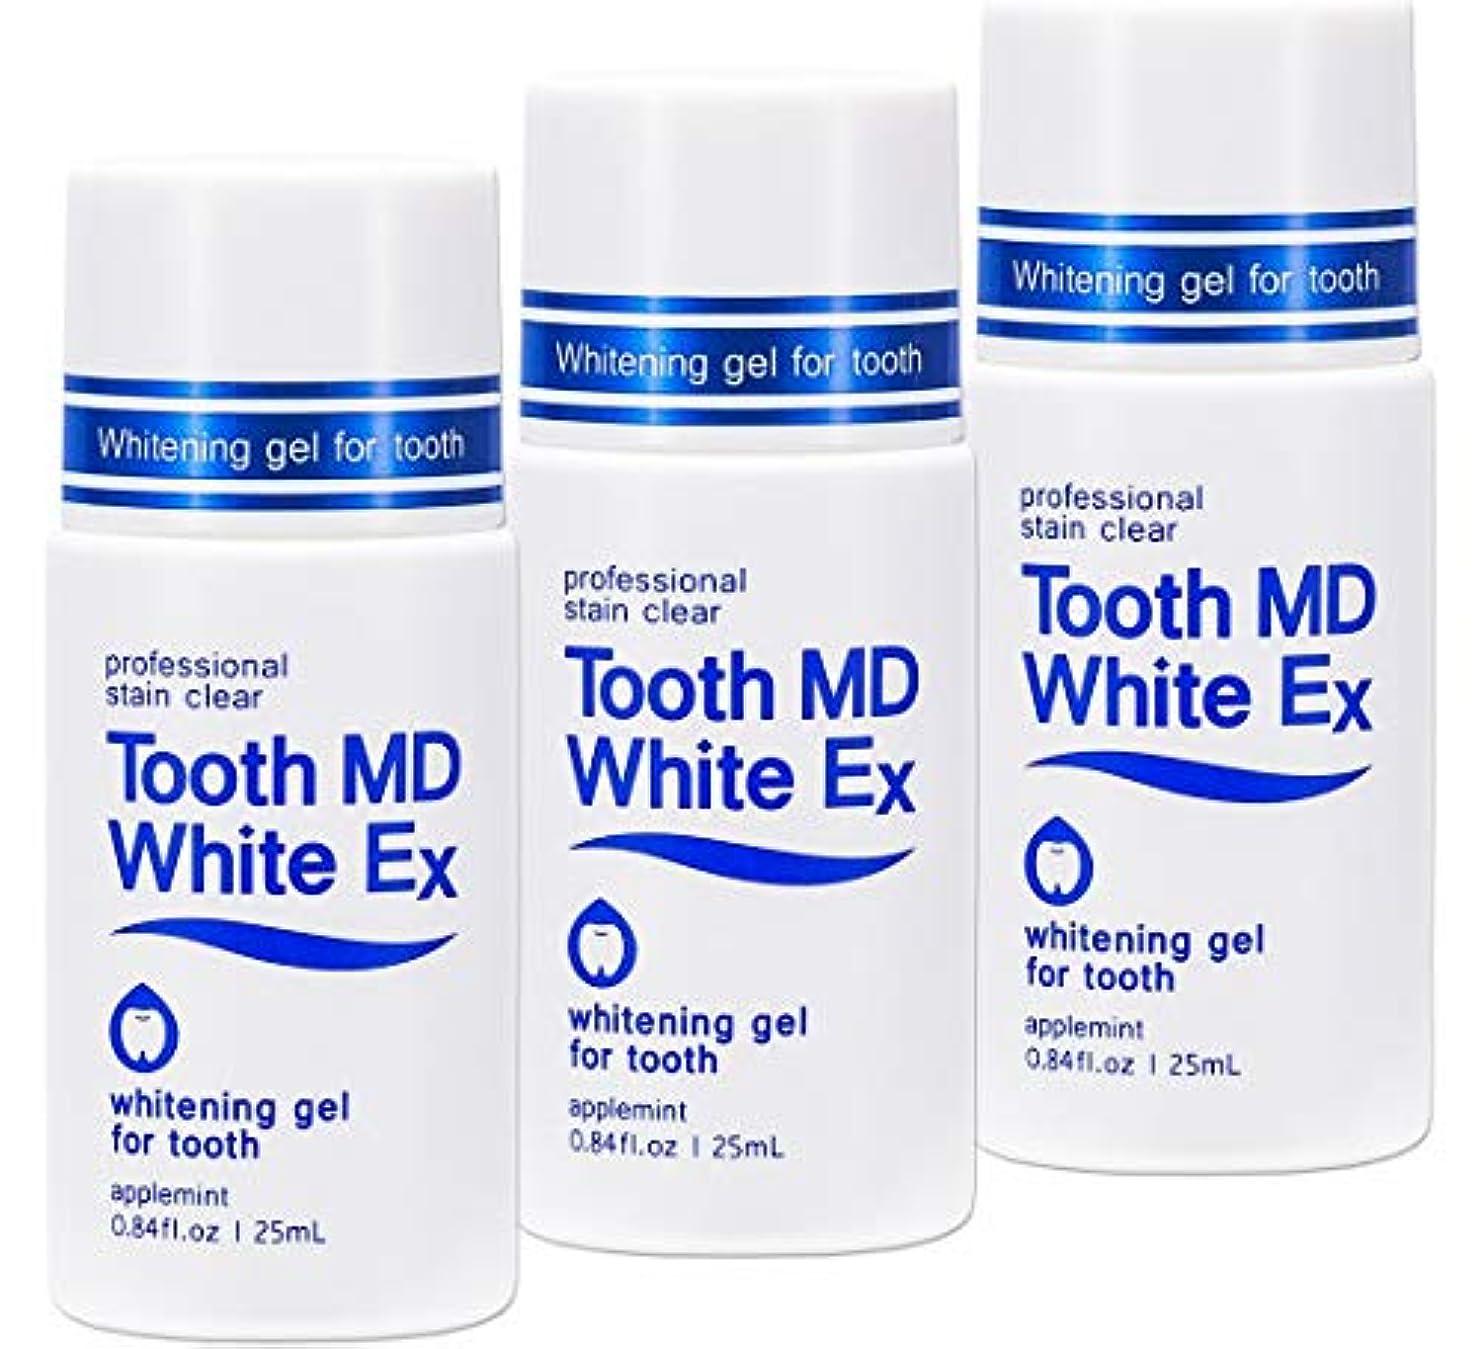 大破元気憂慮すべきトゥースMDホワイトEX 3個セット [歯のホワイトニング] 専用歯ブラシ付き